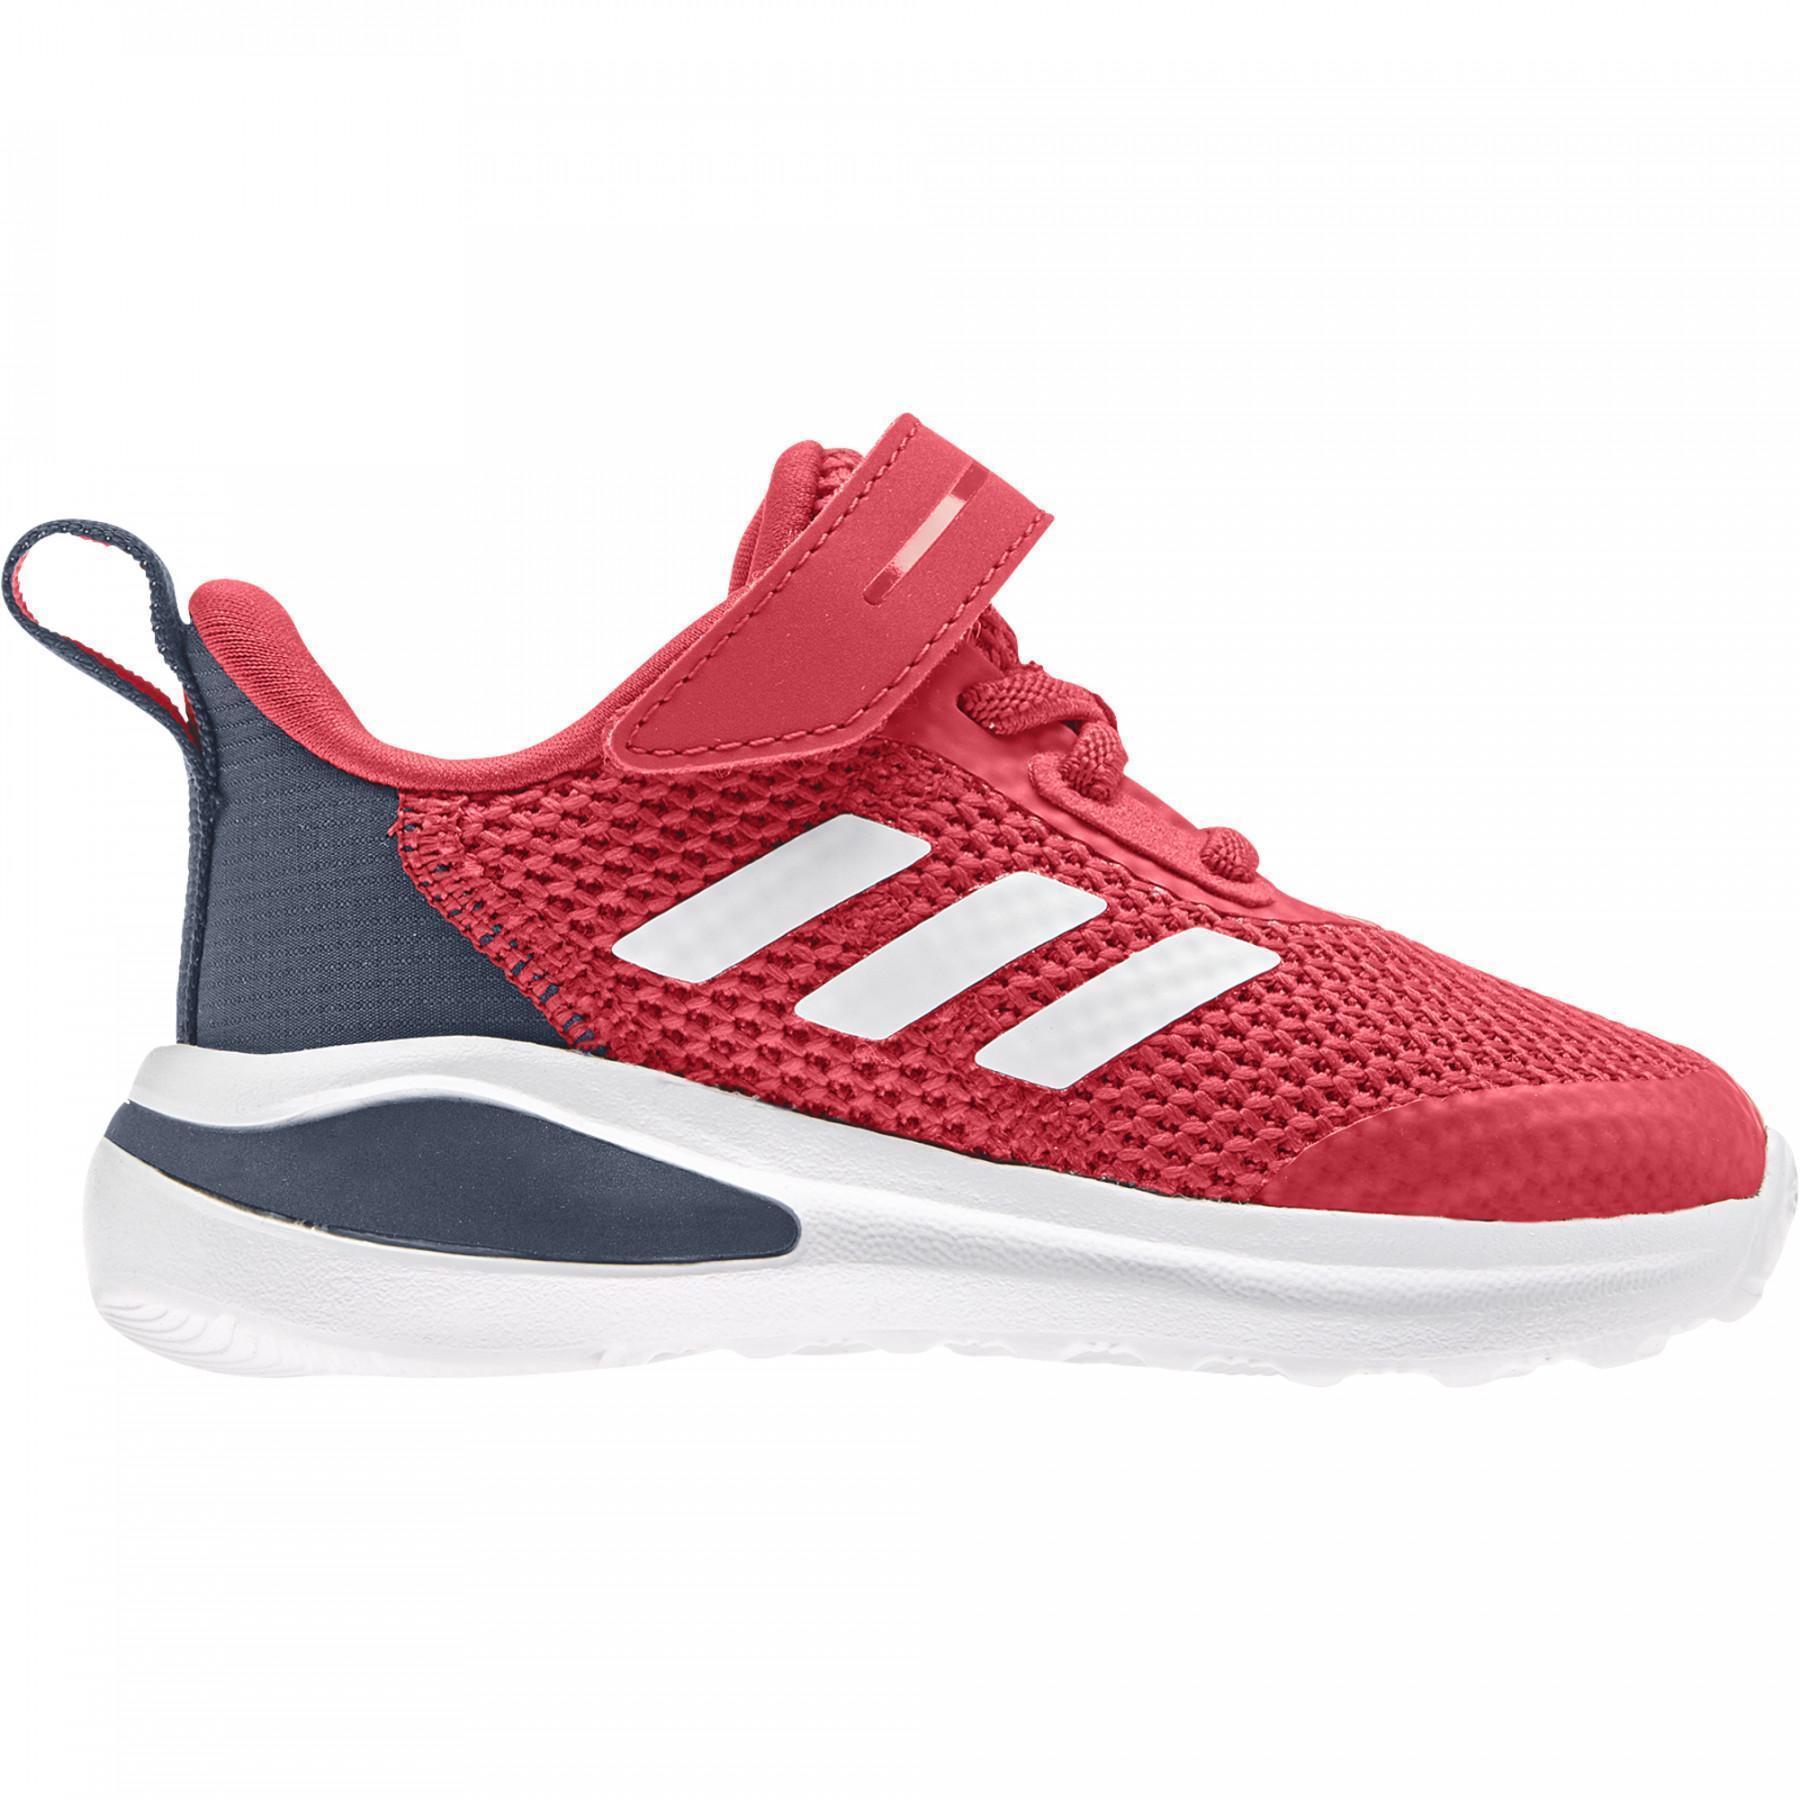 adidas FortaRun EL I Kids Shoes